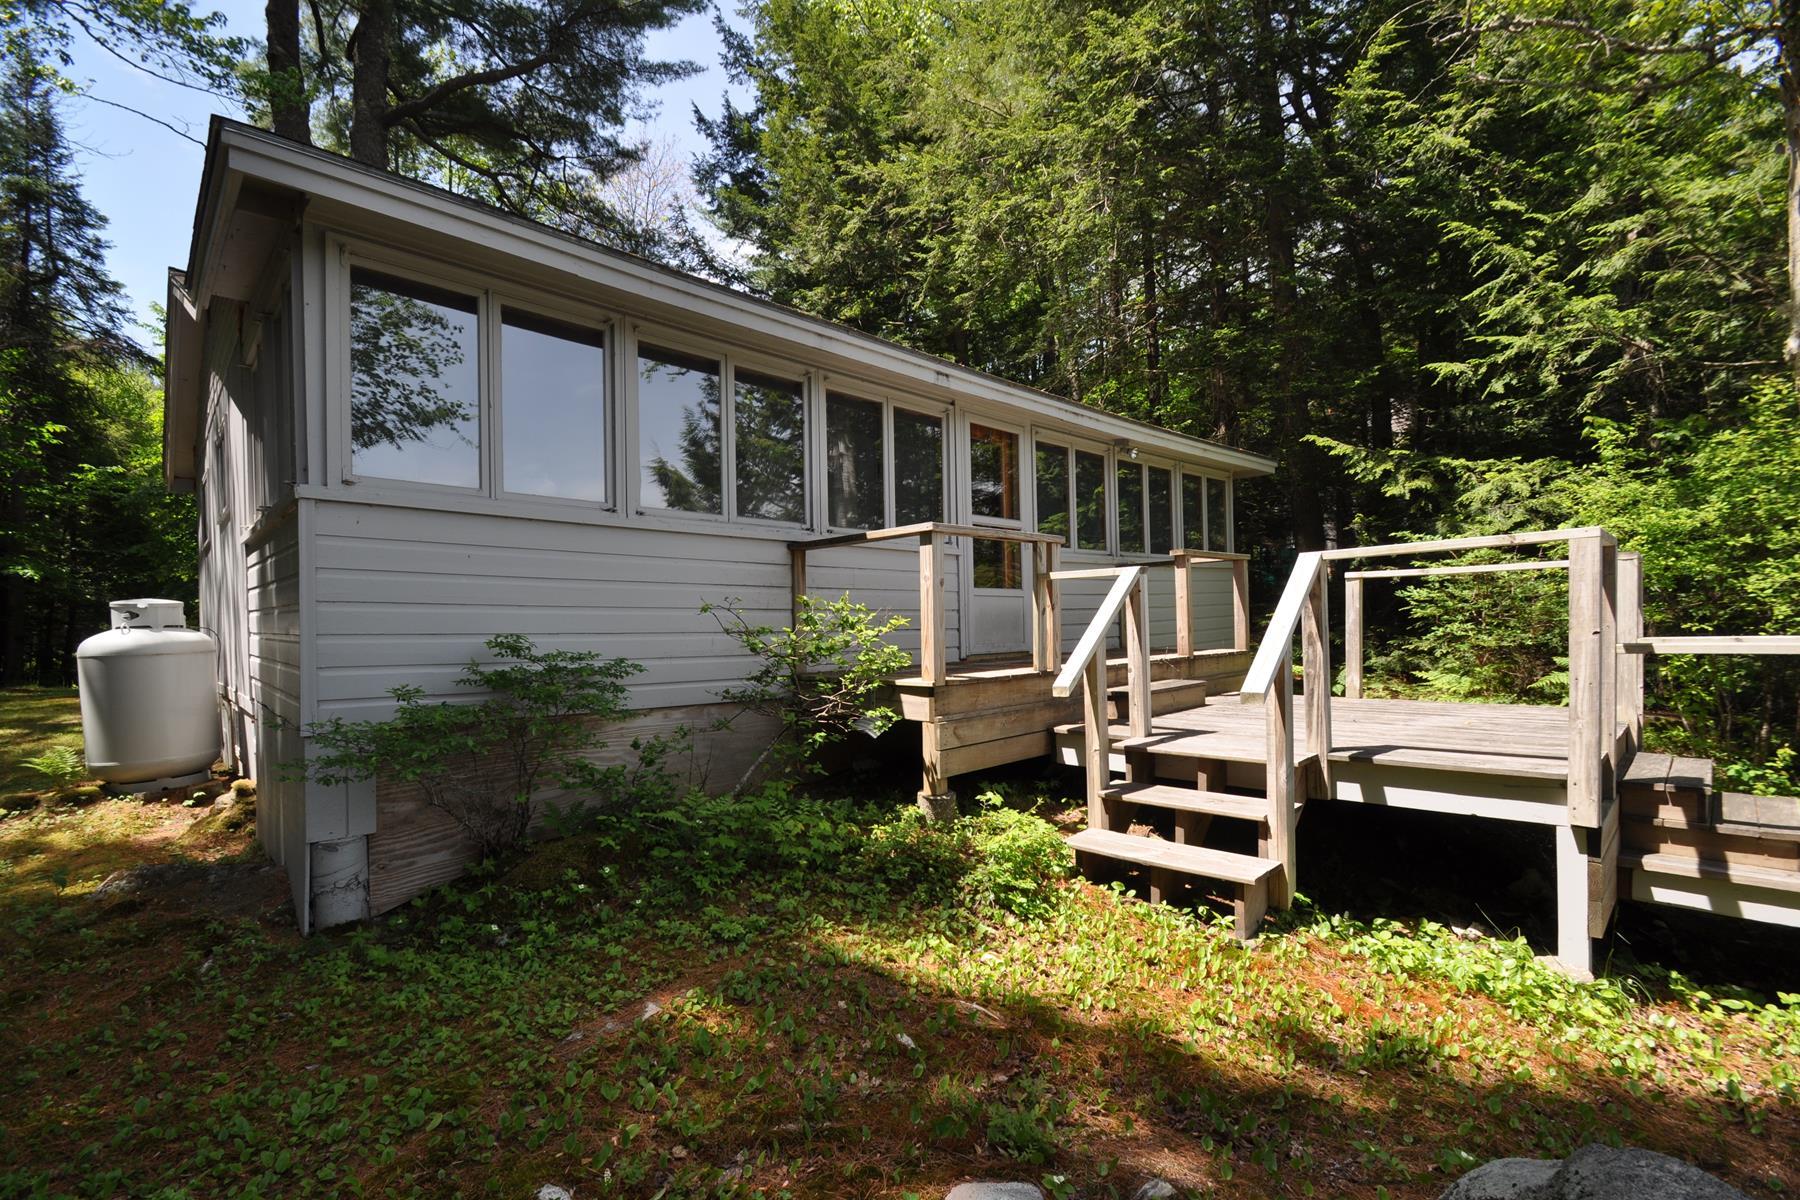 一戸建て のために 売買 アット 583 Forest Acres Rd, New London New London, ニューハンプシャー 03257 アメリカ合衆国